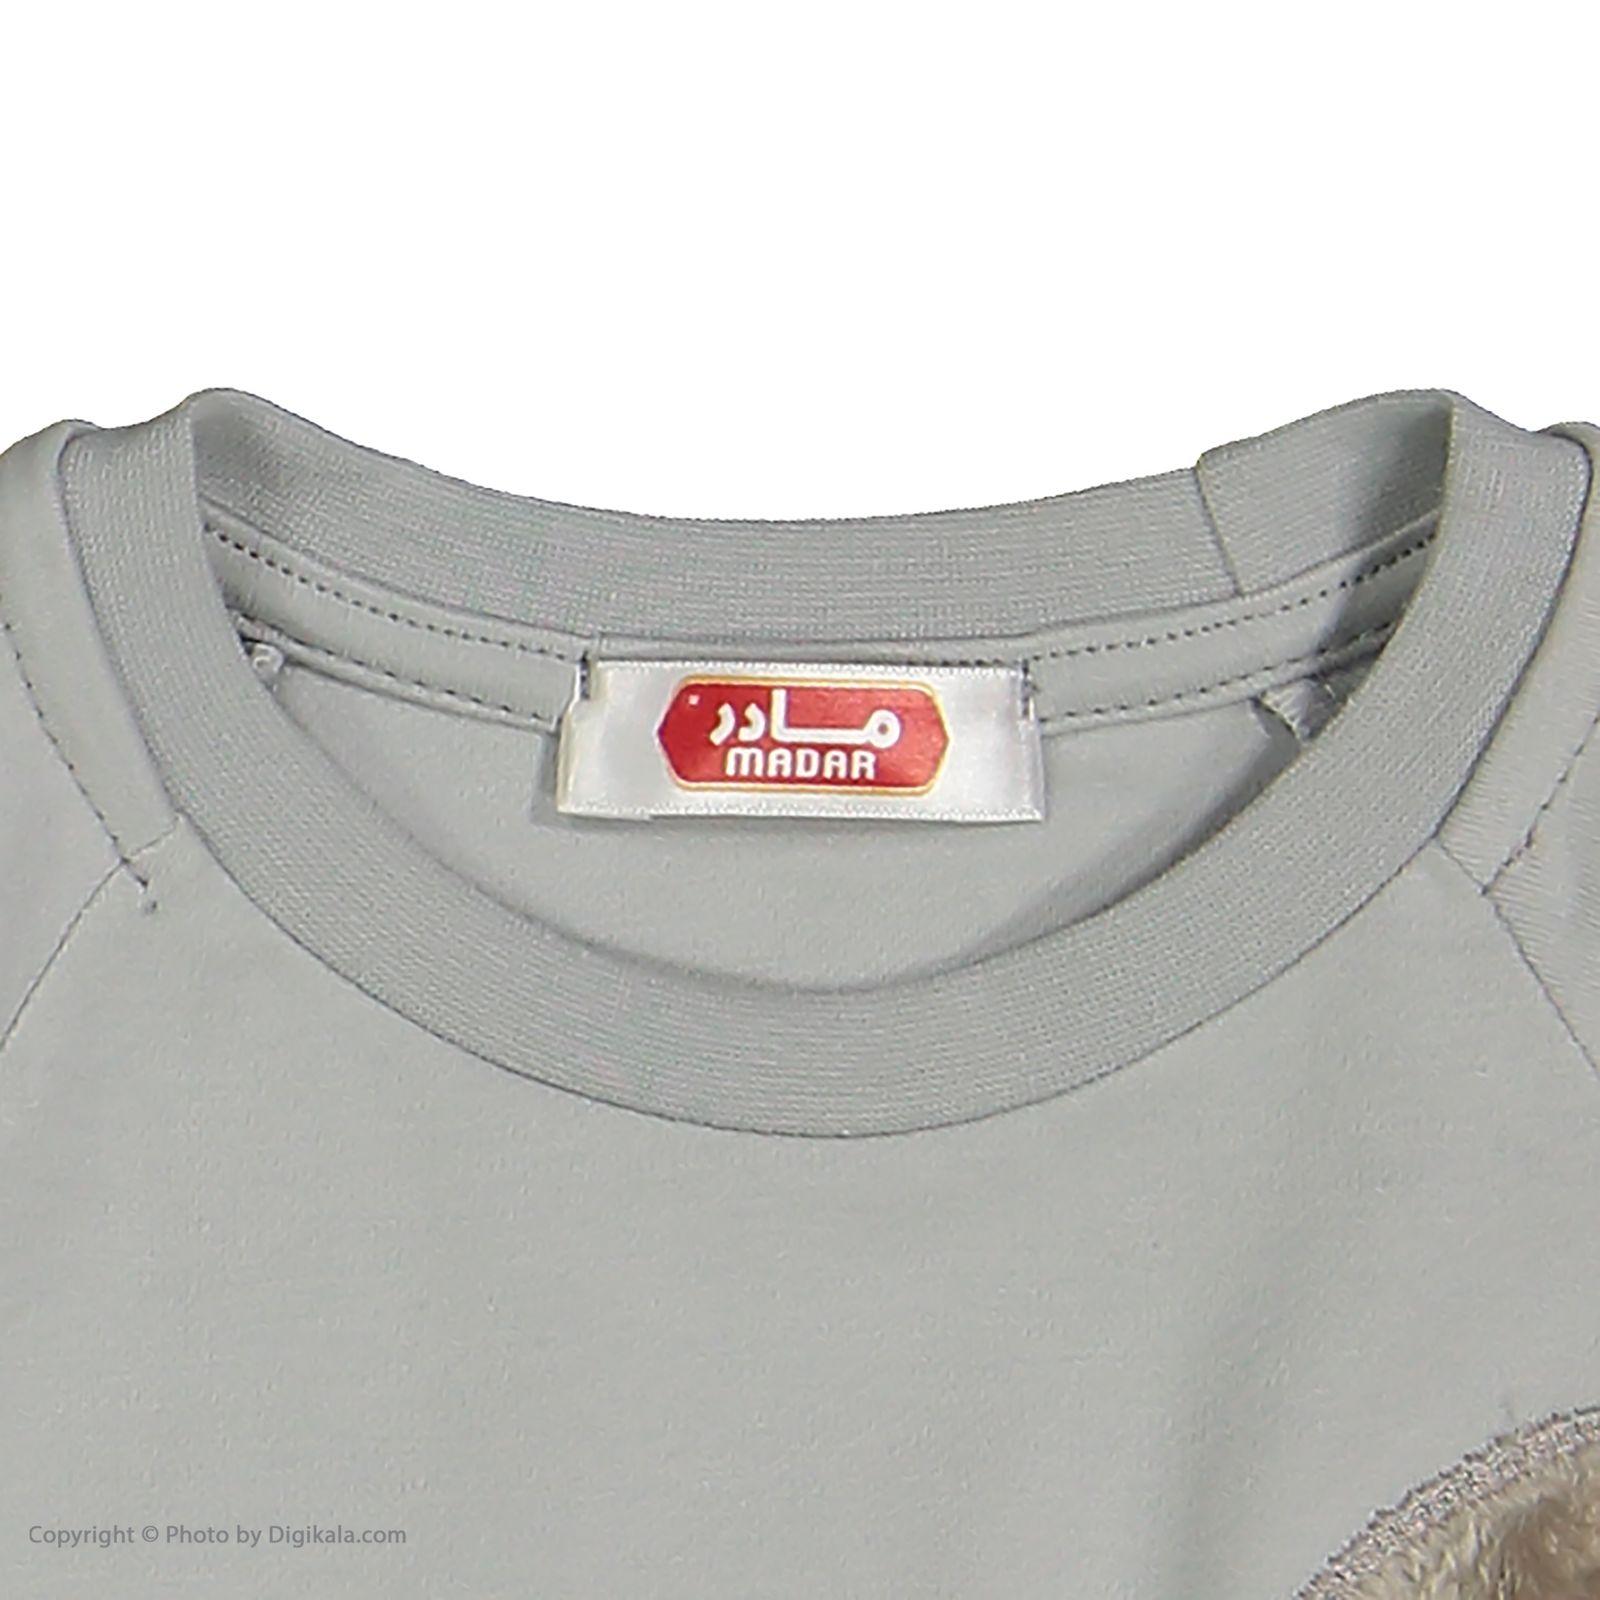 ست تی شرت و شلوار دخترانه مادر مدل SherryGray-93 main 1 4